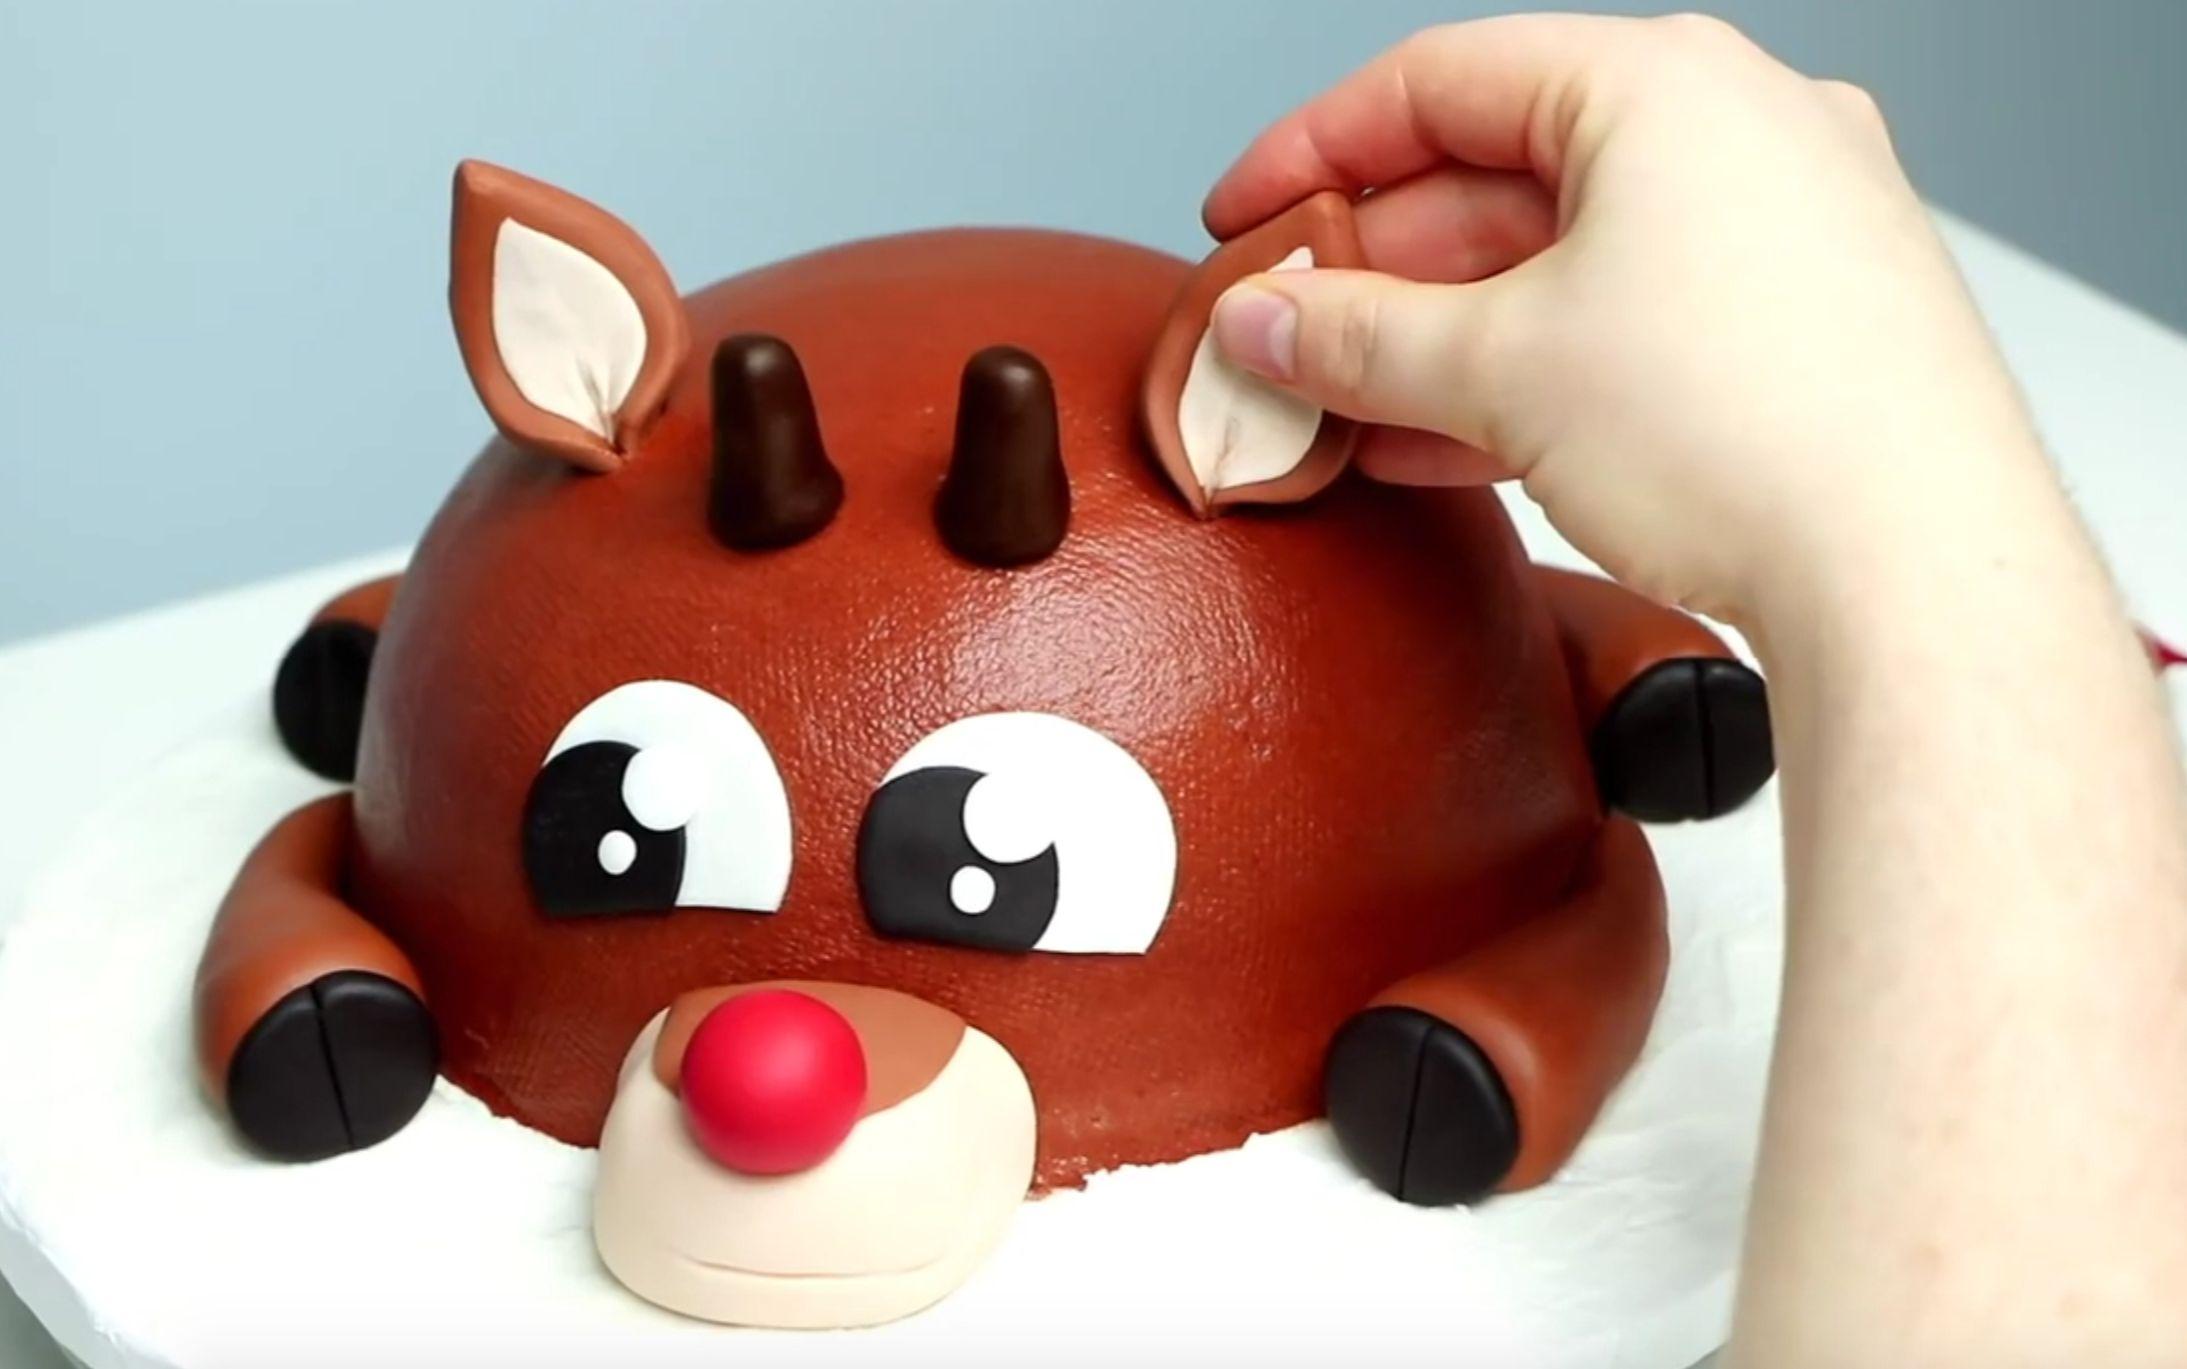 【不务正业】制作各种小动物蛋糕